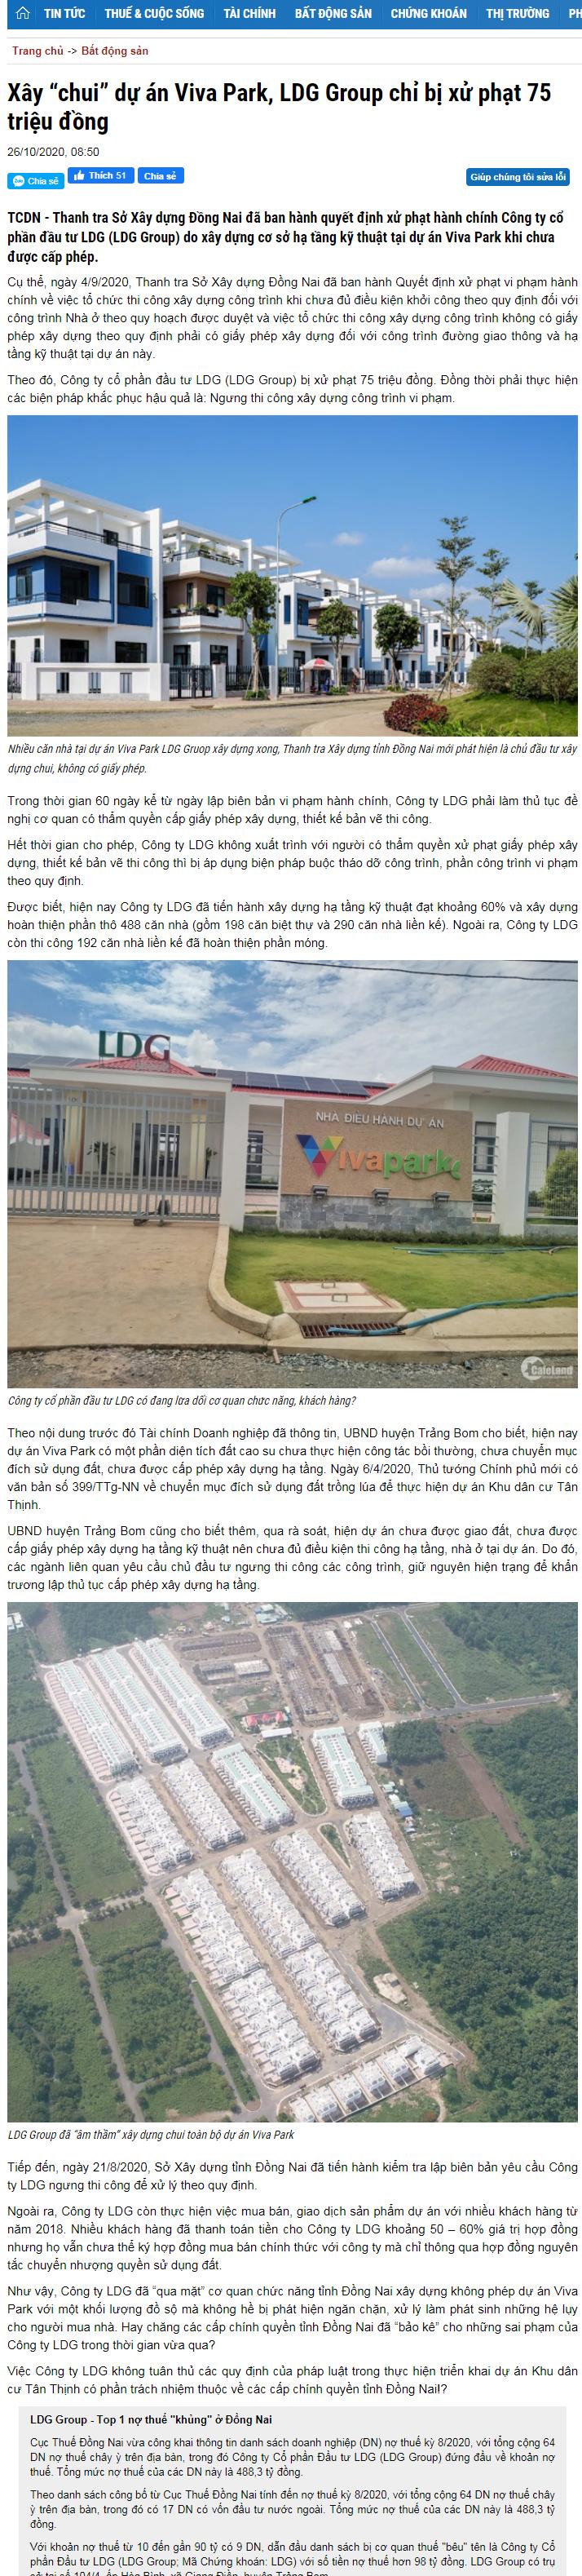 """LDG Group: Xây """"chui"""" gần 600 căn nhà từ năm 2018 nhưng đến 2020 mới bị xử phạt - Ảnh 1"""